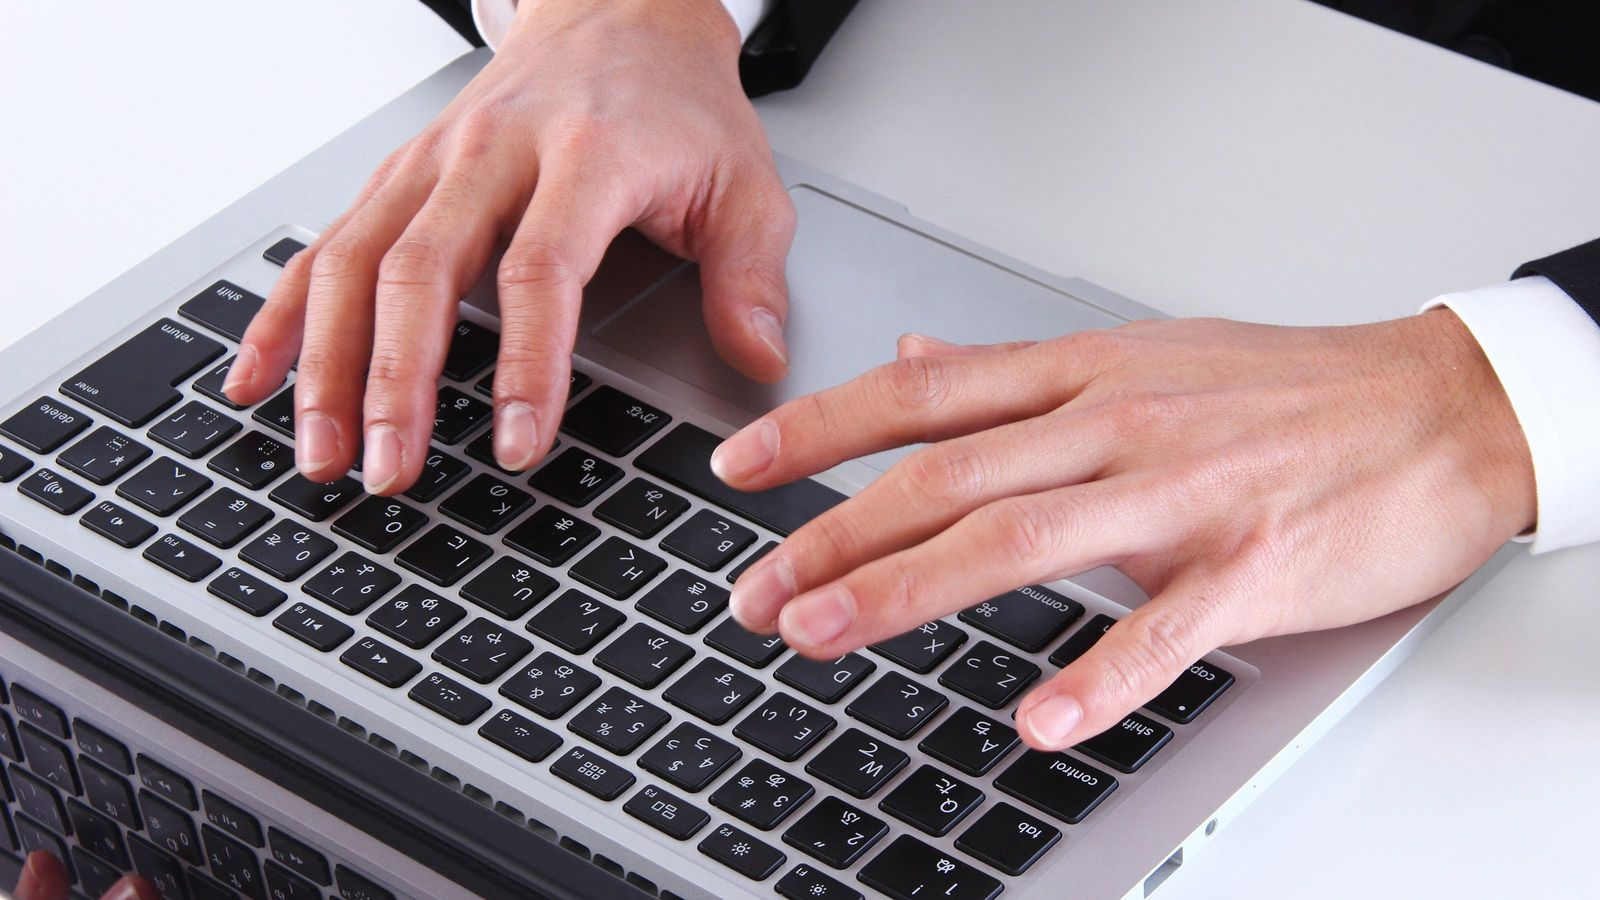 仲良しでも堅いメール文の人が信頼できるワケ ビジネスメールは絶対に崩さない